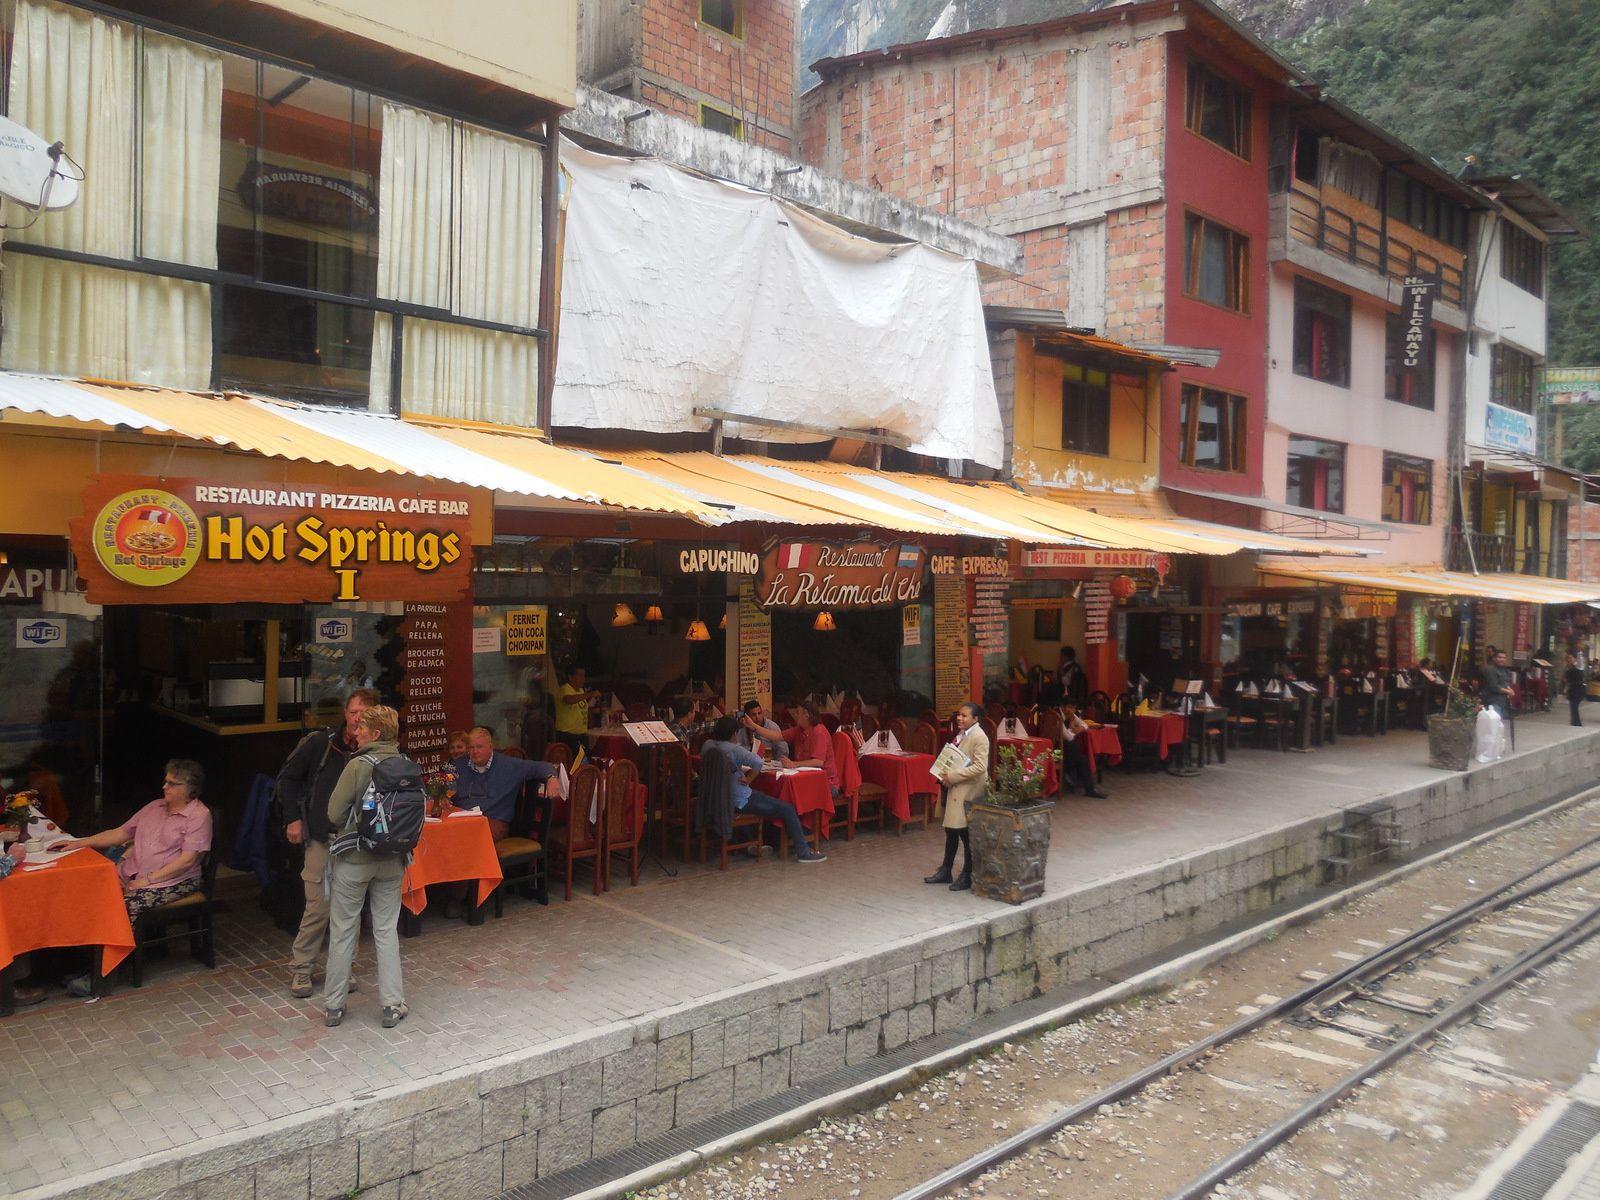 La voie ferrée longe boutiques et restaurants...